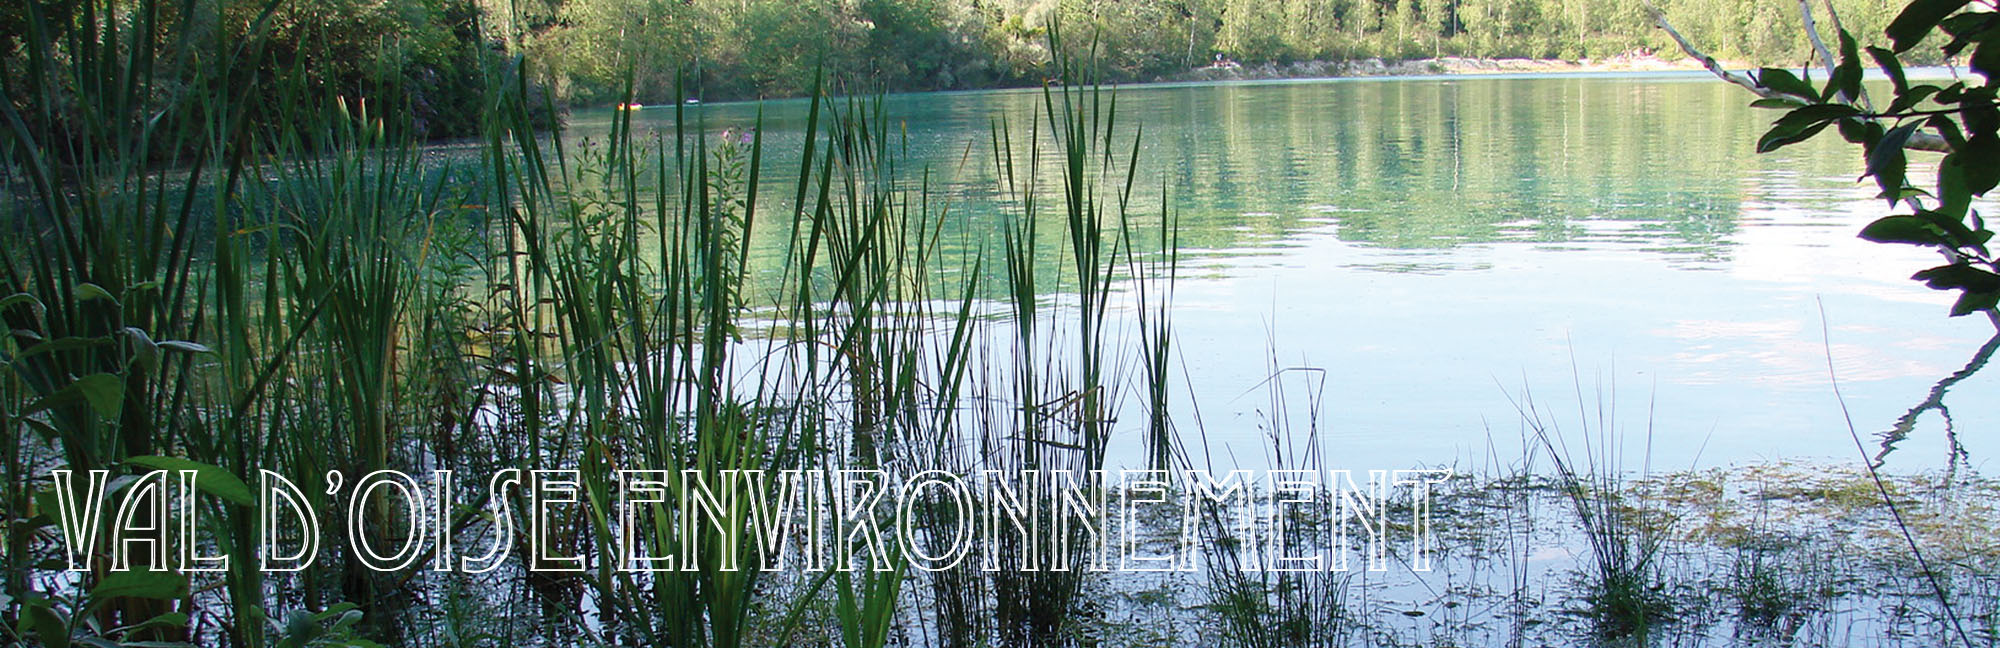 Val d'Oise Environnement